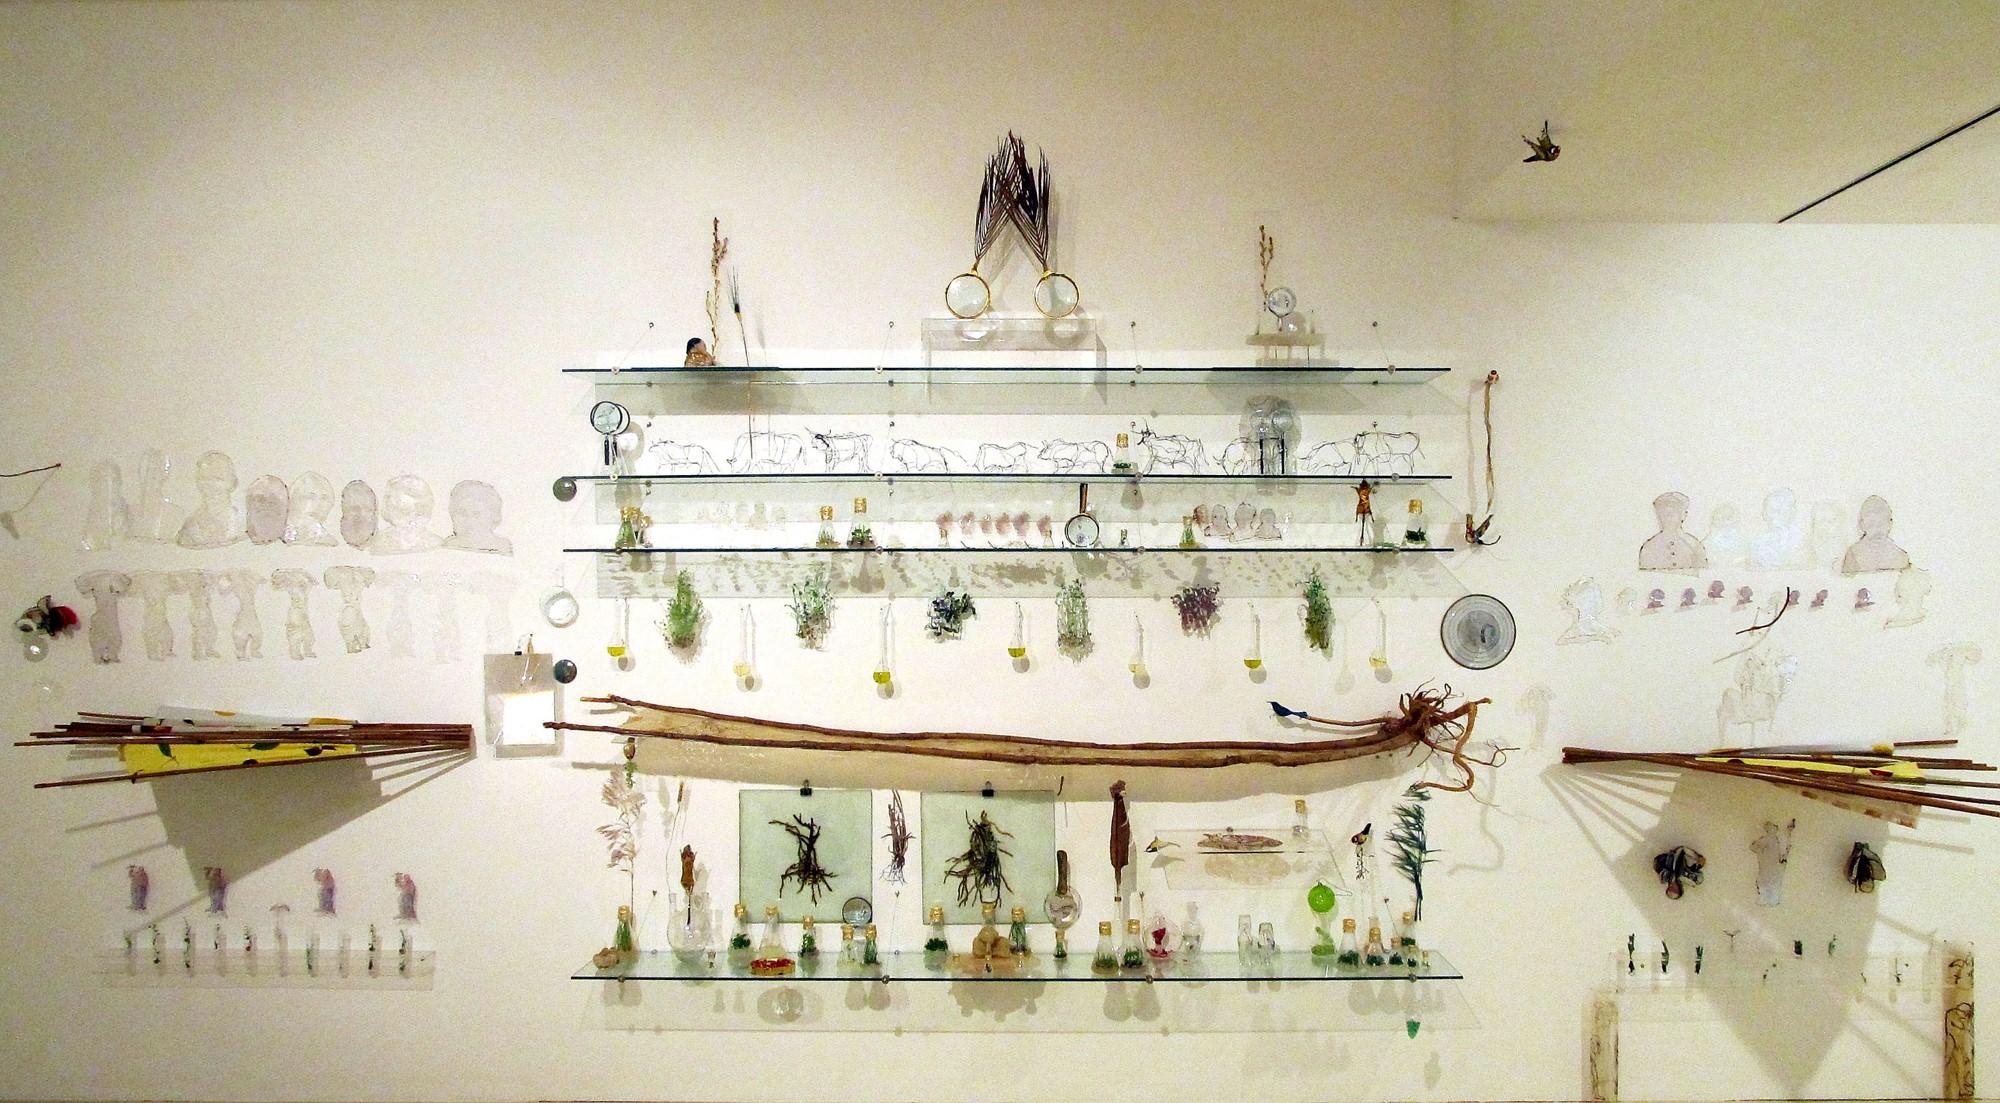 אדמה שקופה,2012, טכניקה מעורבת,800 x300 סמ